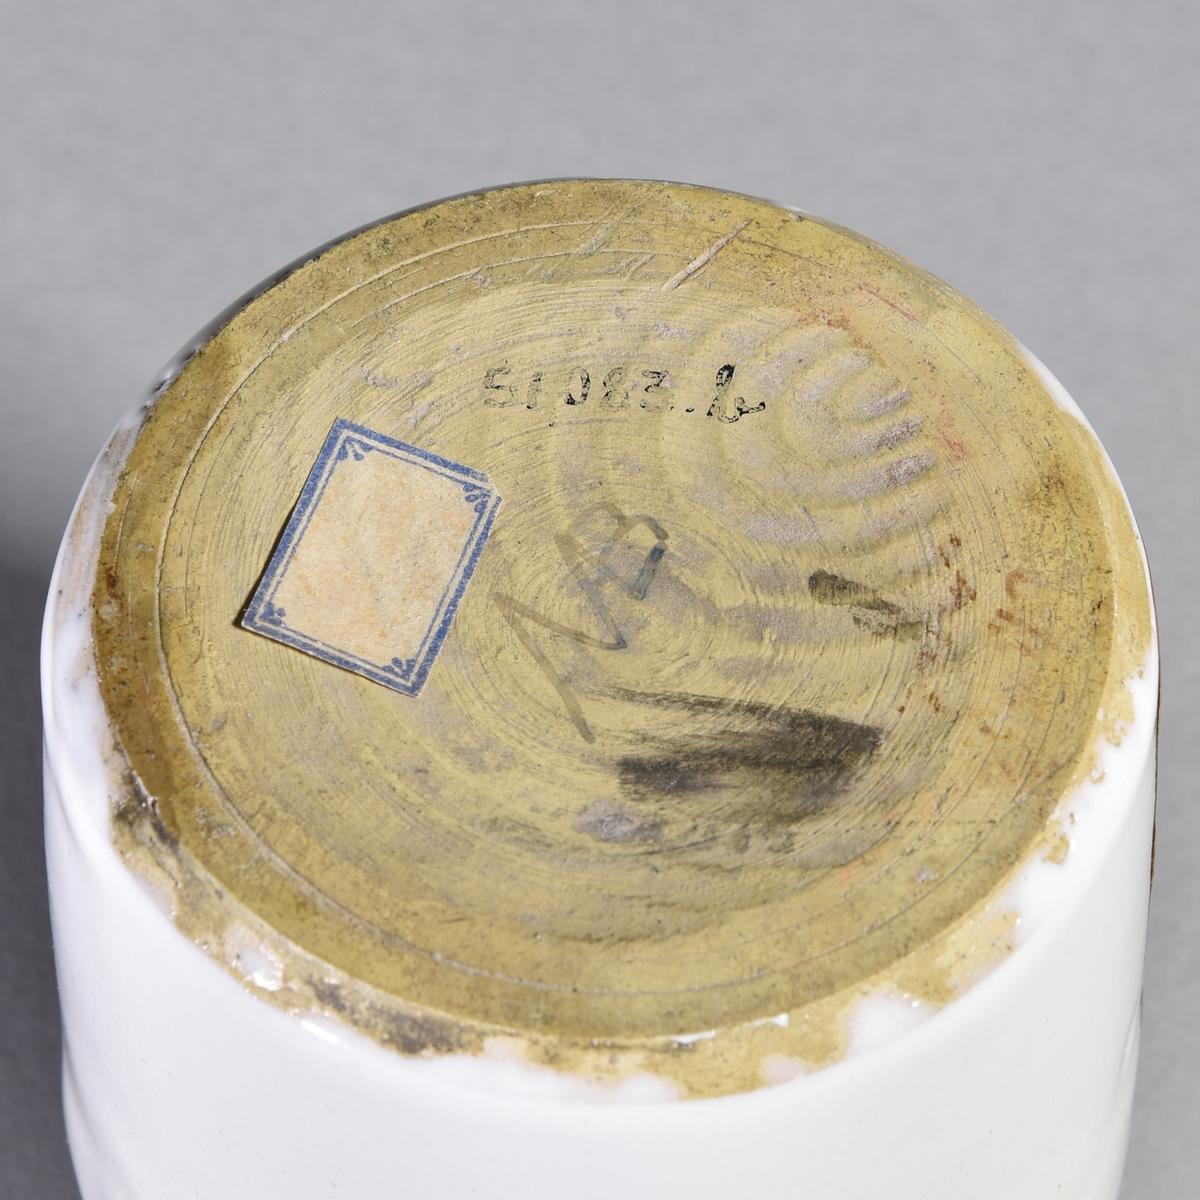 Apoteksburk av vitglaserad fajans, cylindrisk med rundad skuldra, indragen hals. Välvt lock med fals och rund lockknopp. Rester av sekundär etikett.